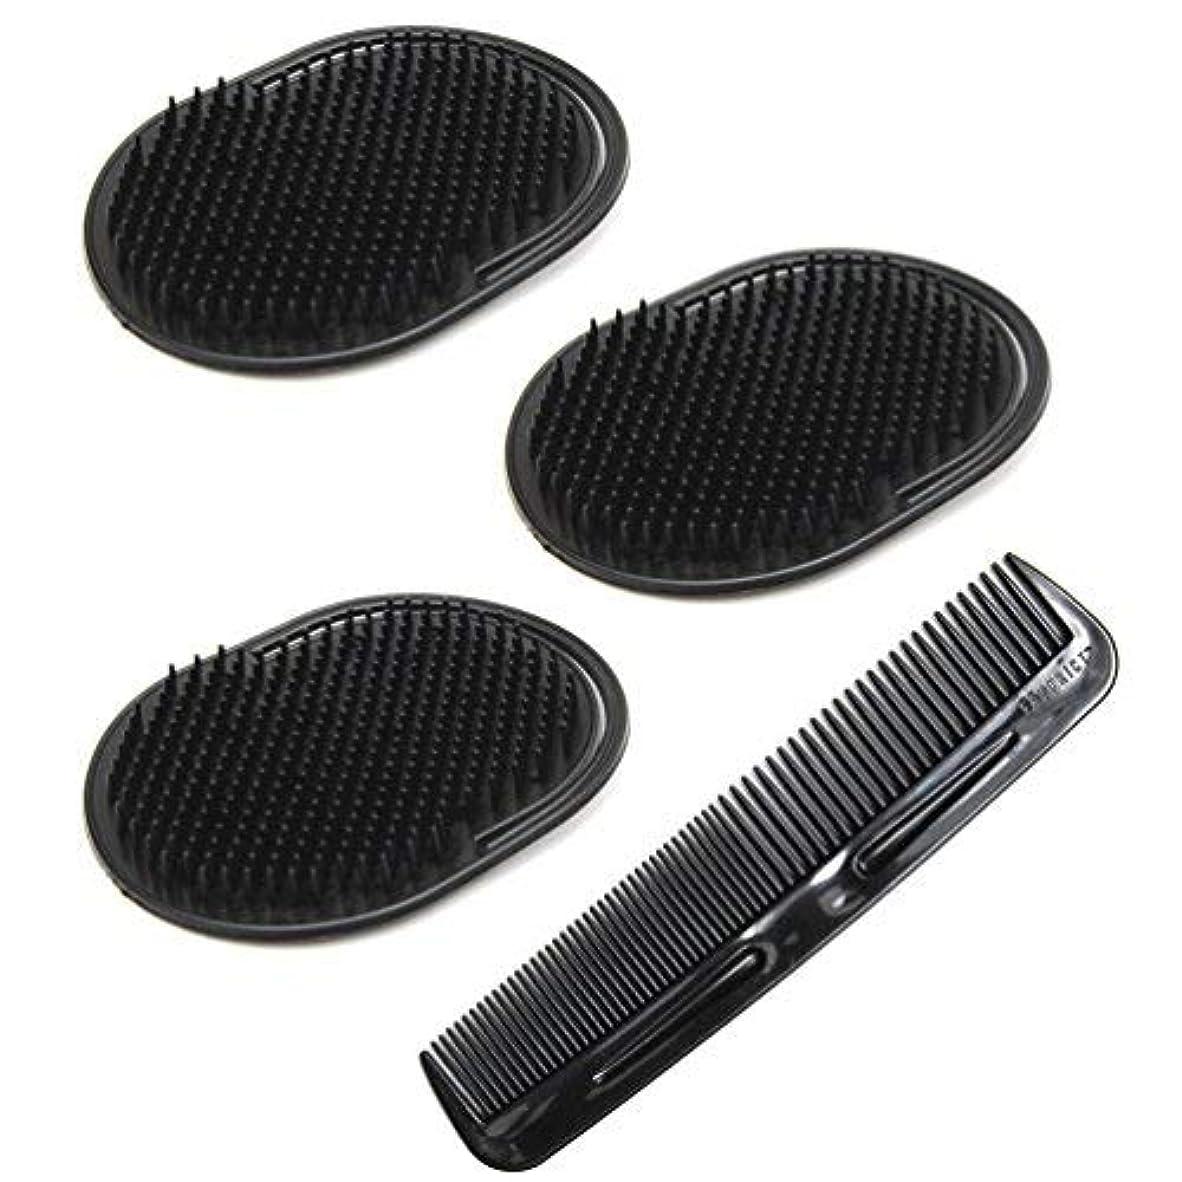 バウンド除外する乞食Luxxii (4 Pack) Hair Scalp Massage Shampoo Palm Brush Massager with 5